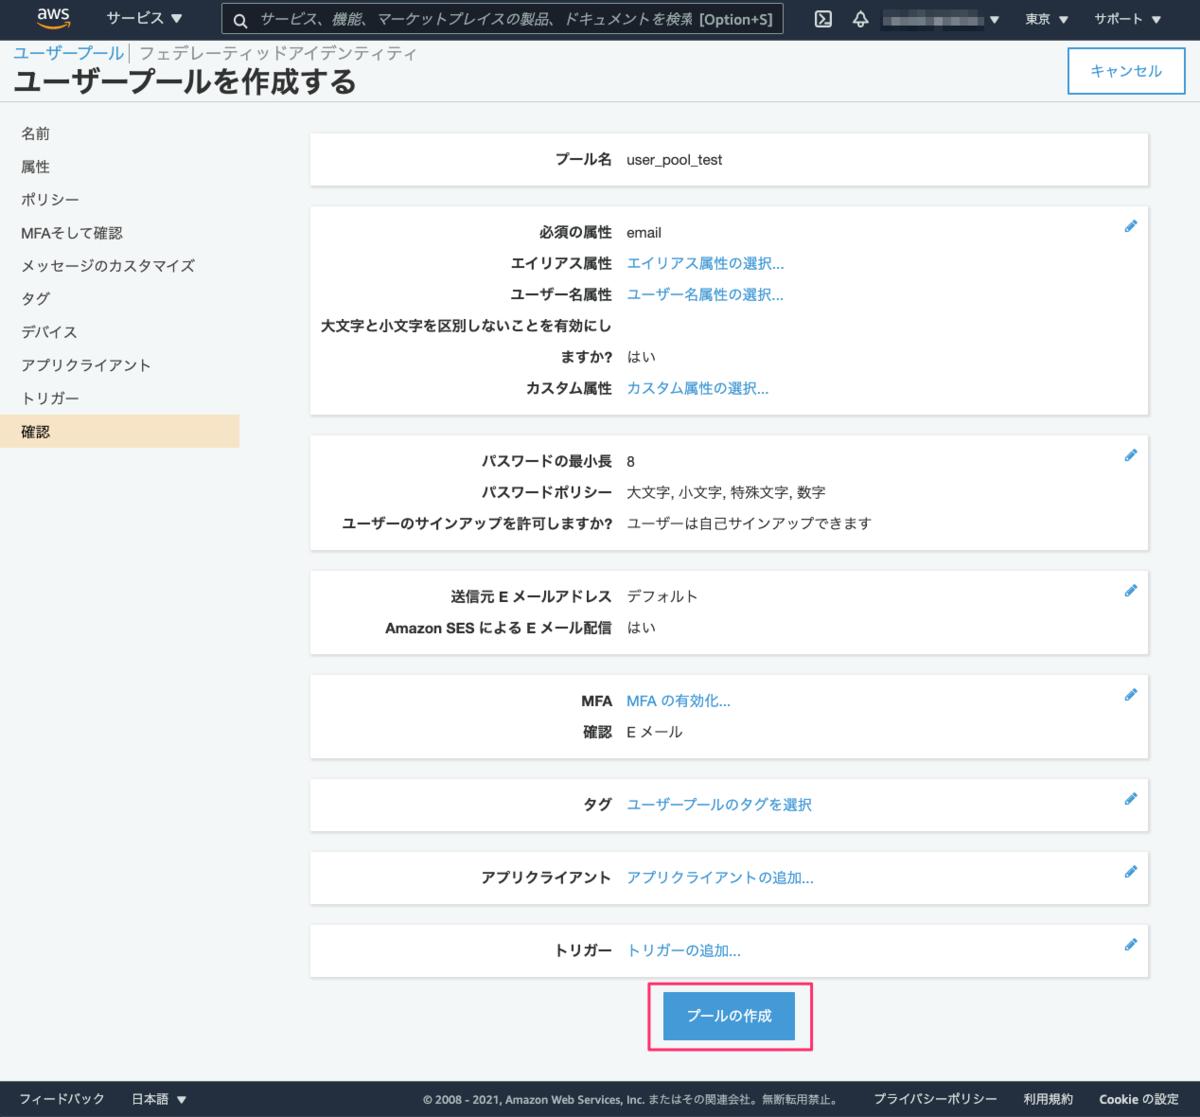 f:id:kun432:20210627225309p:plain